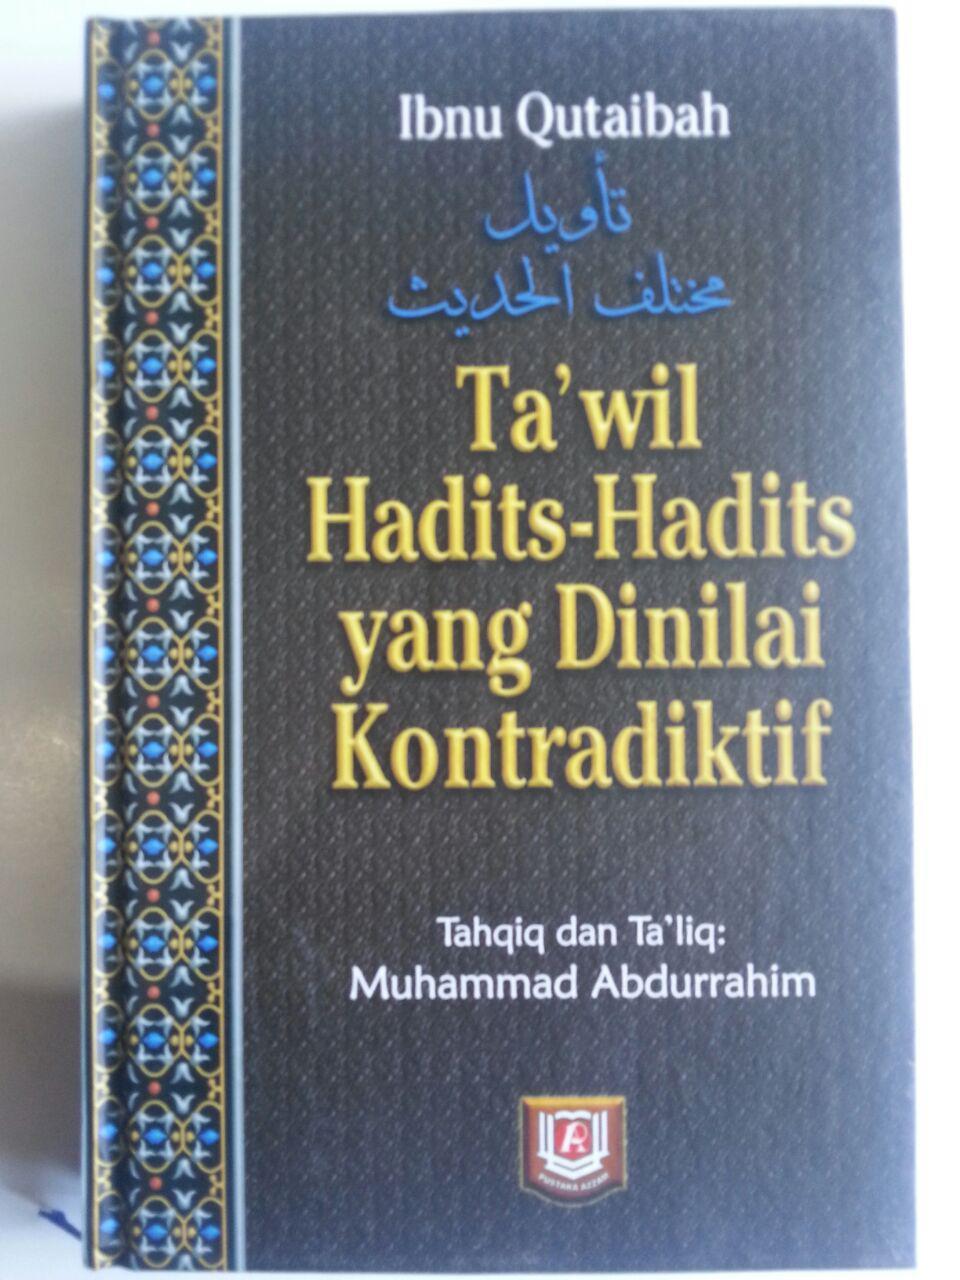 Buku Ta'wil Hadits-Hadits Yang Dinilai Kontrakdiktif cover 3